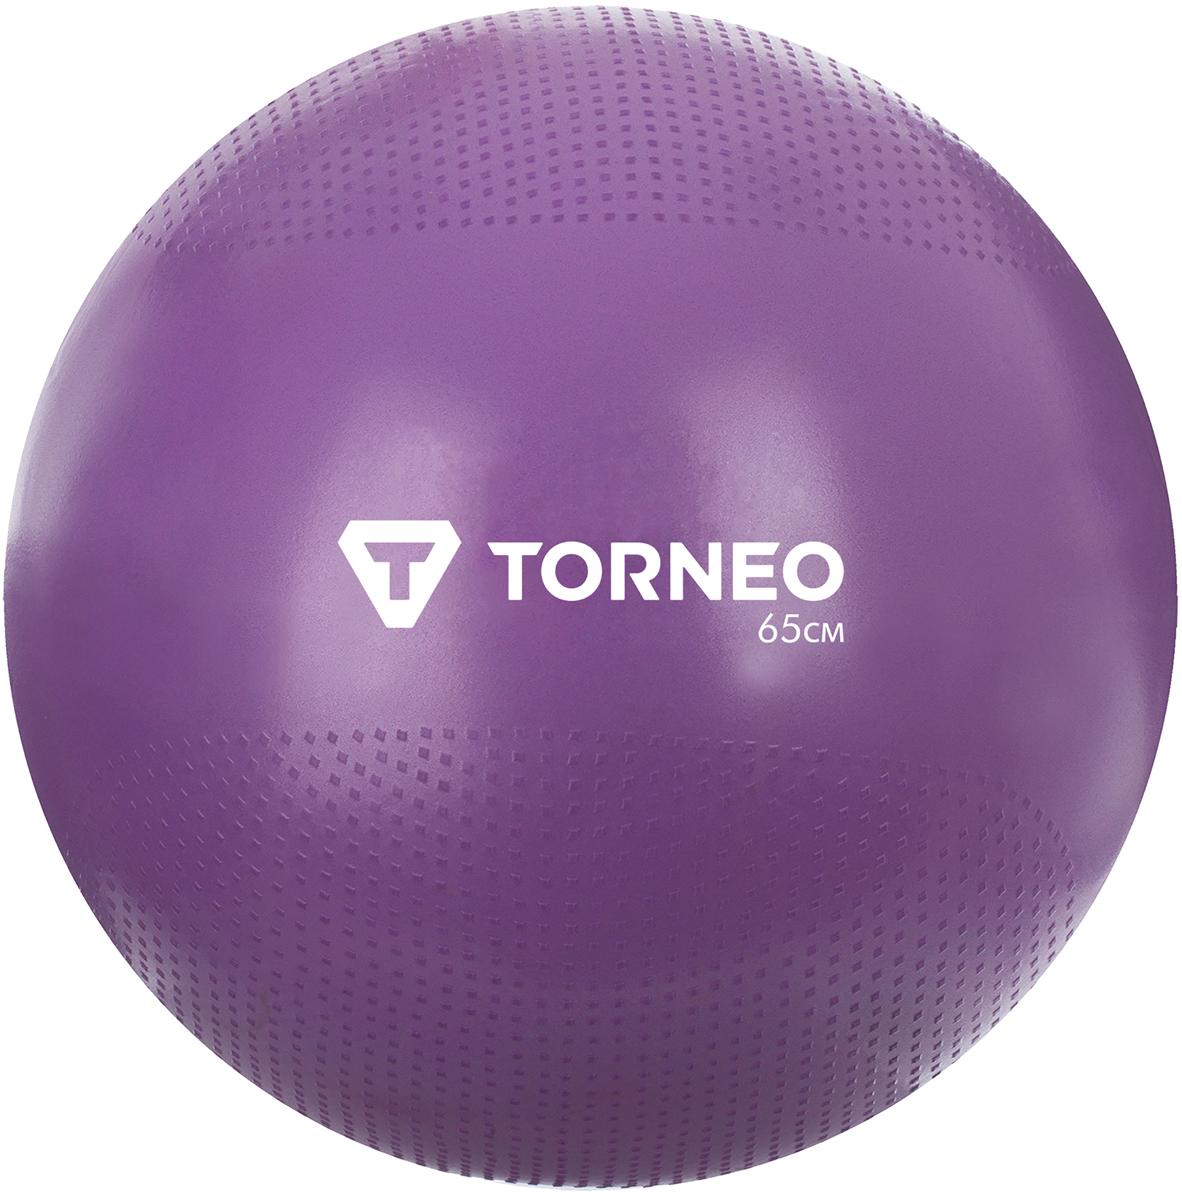 Мяч гимнастический Torneo, цвет: фиолетовый, диаметр 65 см мяч гимнастический torneo цвет зеленый диаметр 55 см